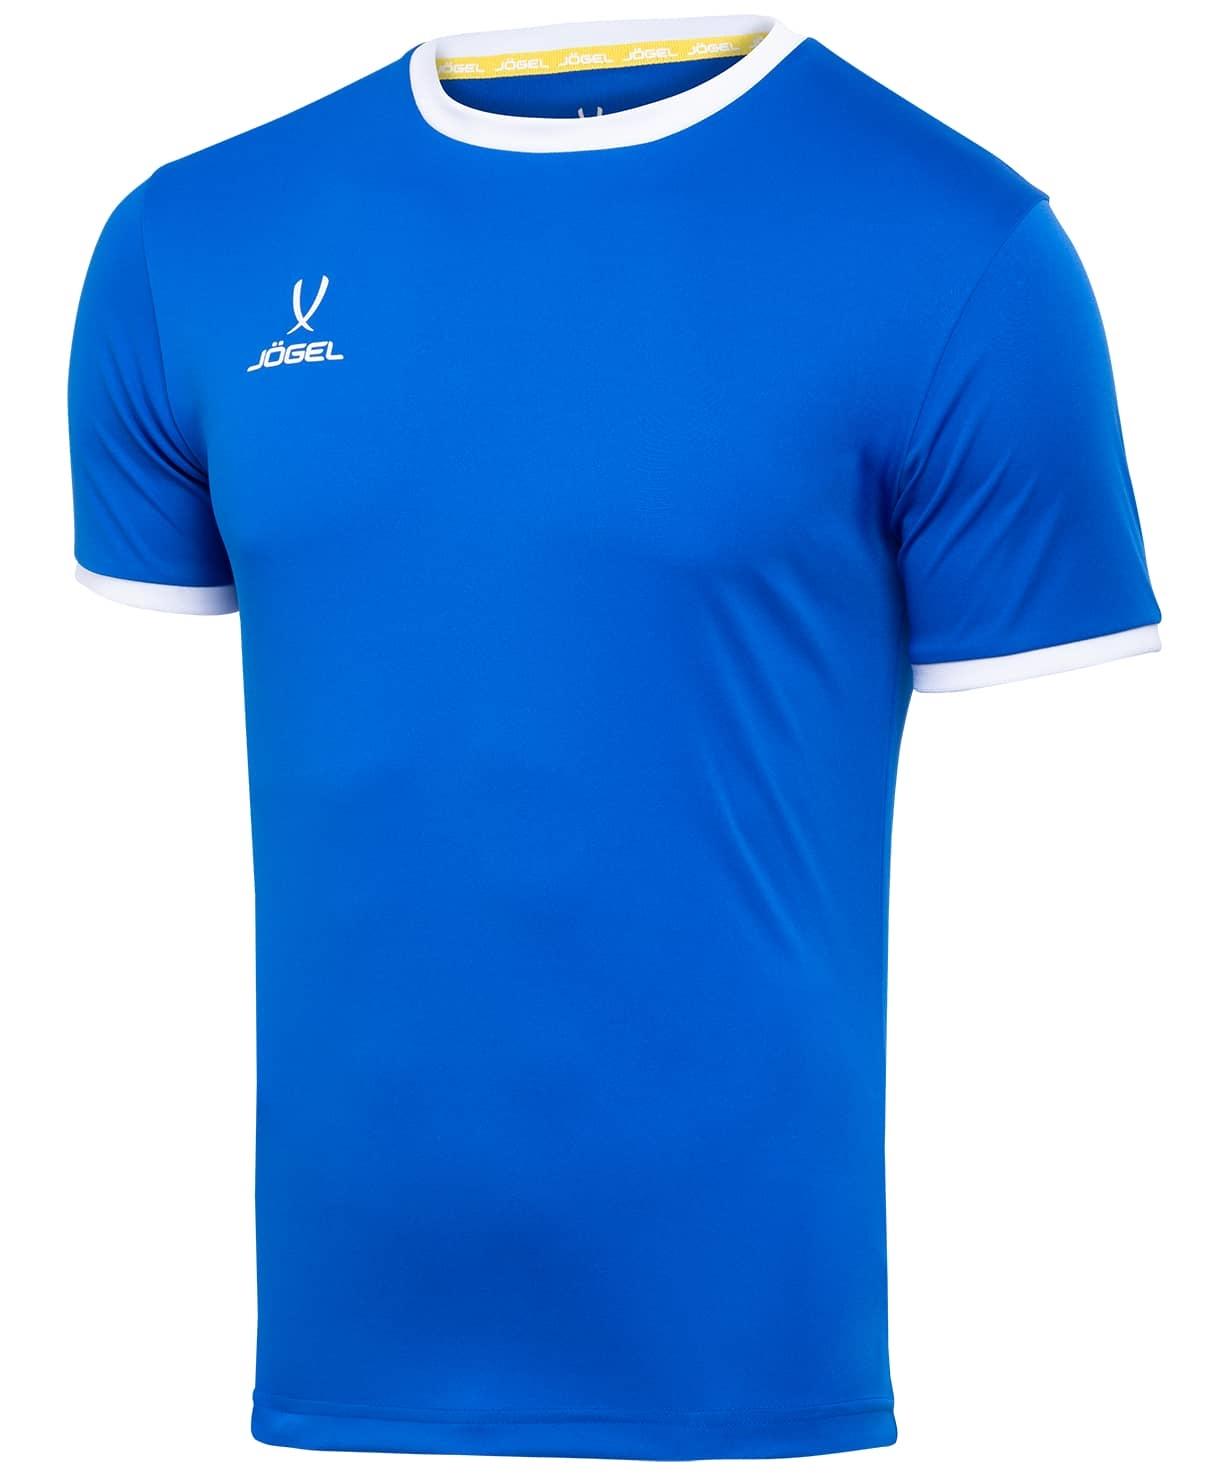 Футболка футбольная CAMP Origin JFT-1020-071-K, синий/белый, детская